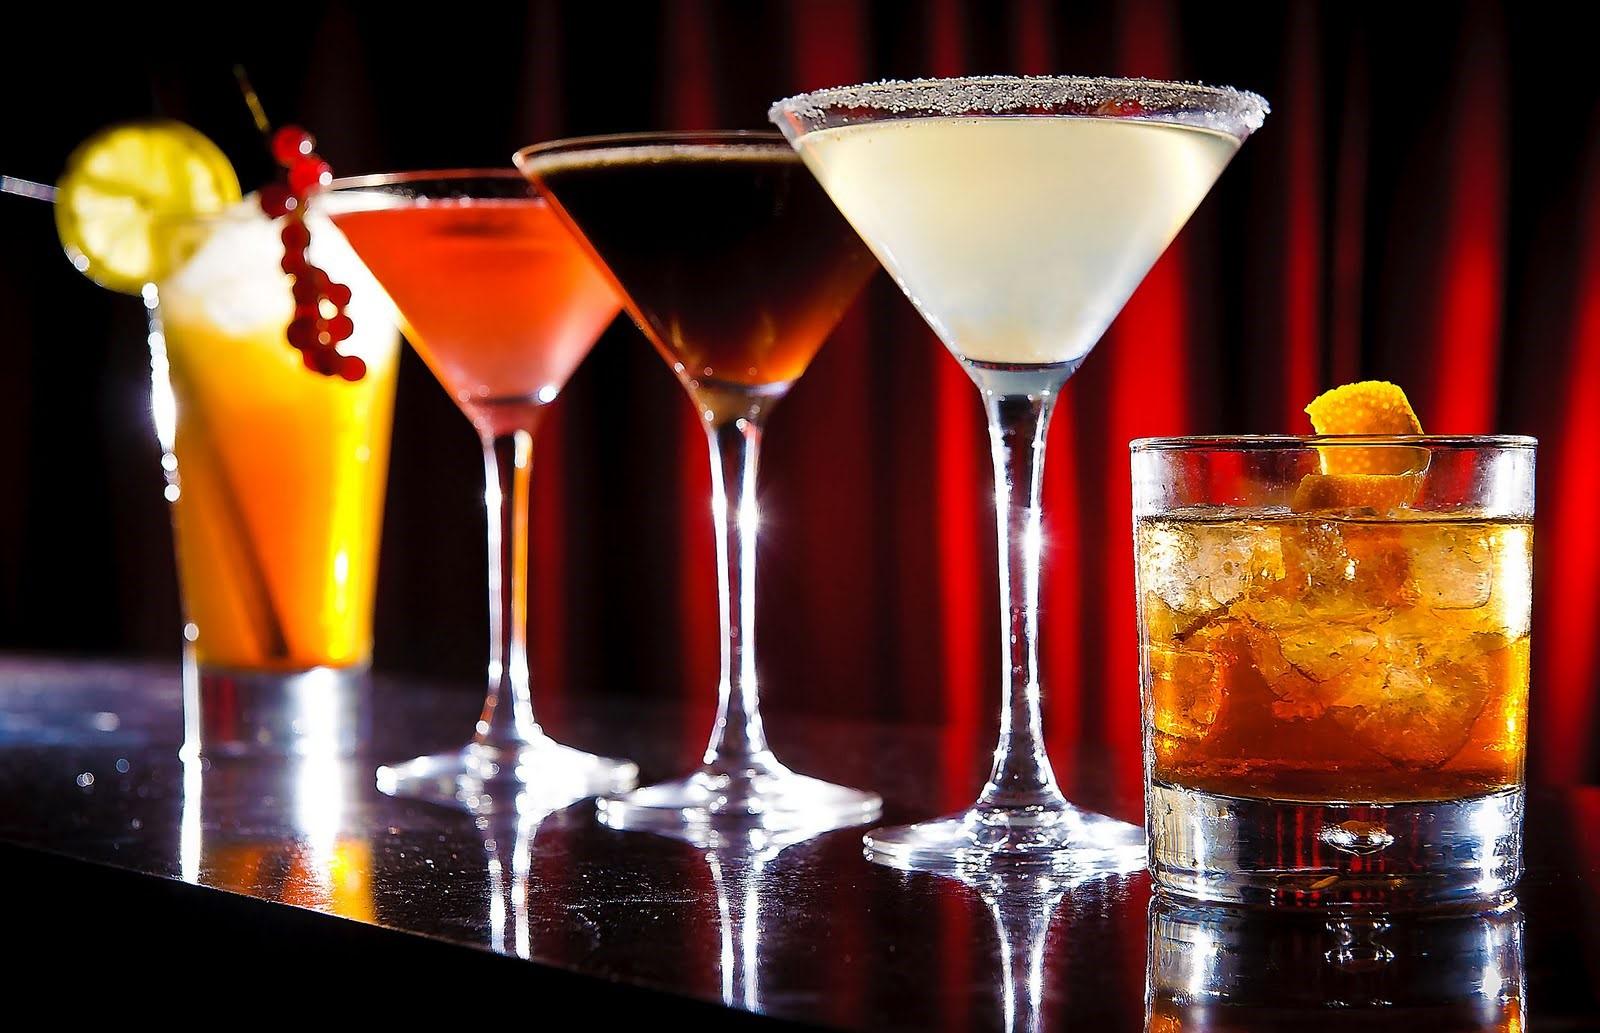 trung tâm dạy pha chế đồ uống tại Hà Nội